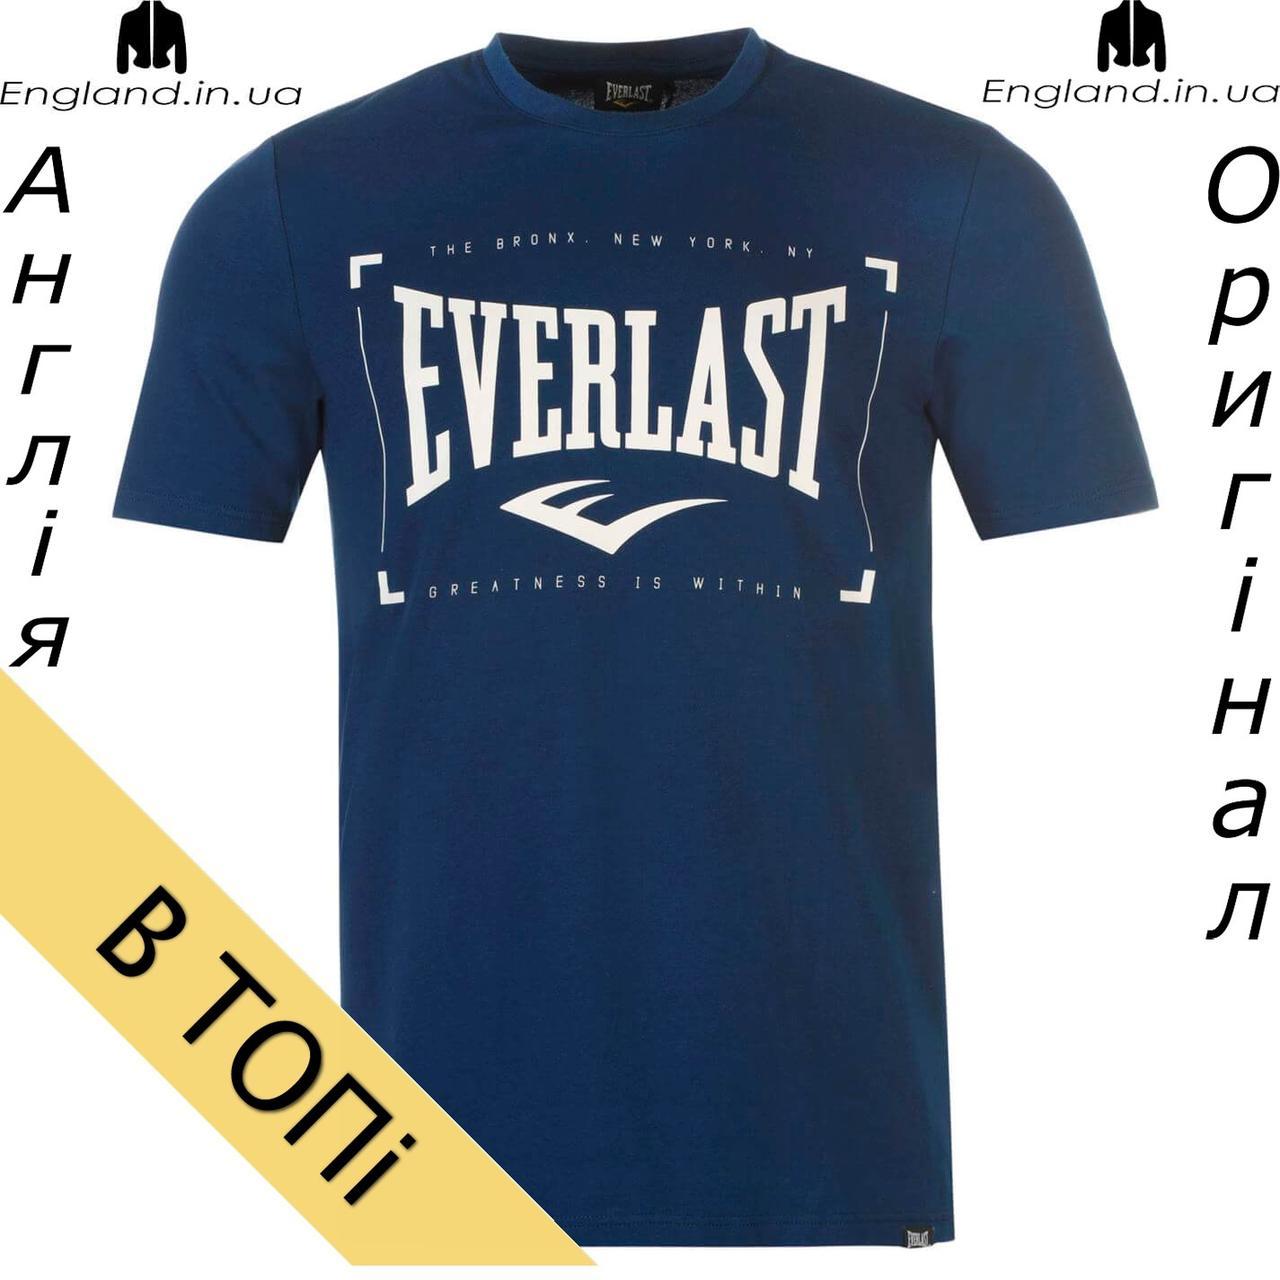 Остался размер - S --- Футболка Everlast мужская темно синяя для тренировок